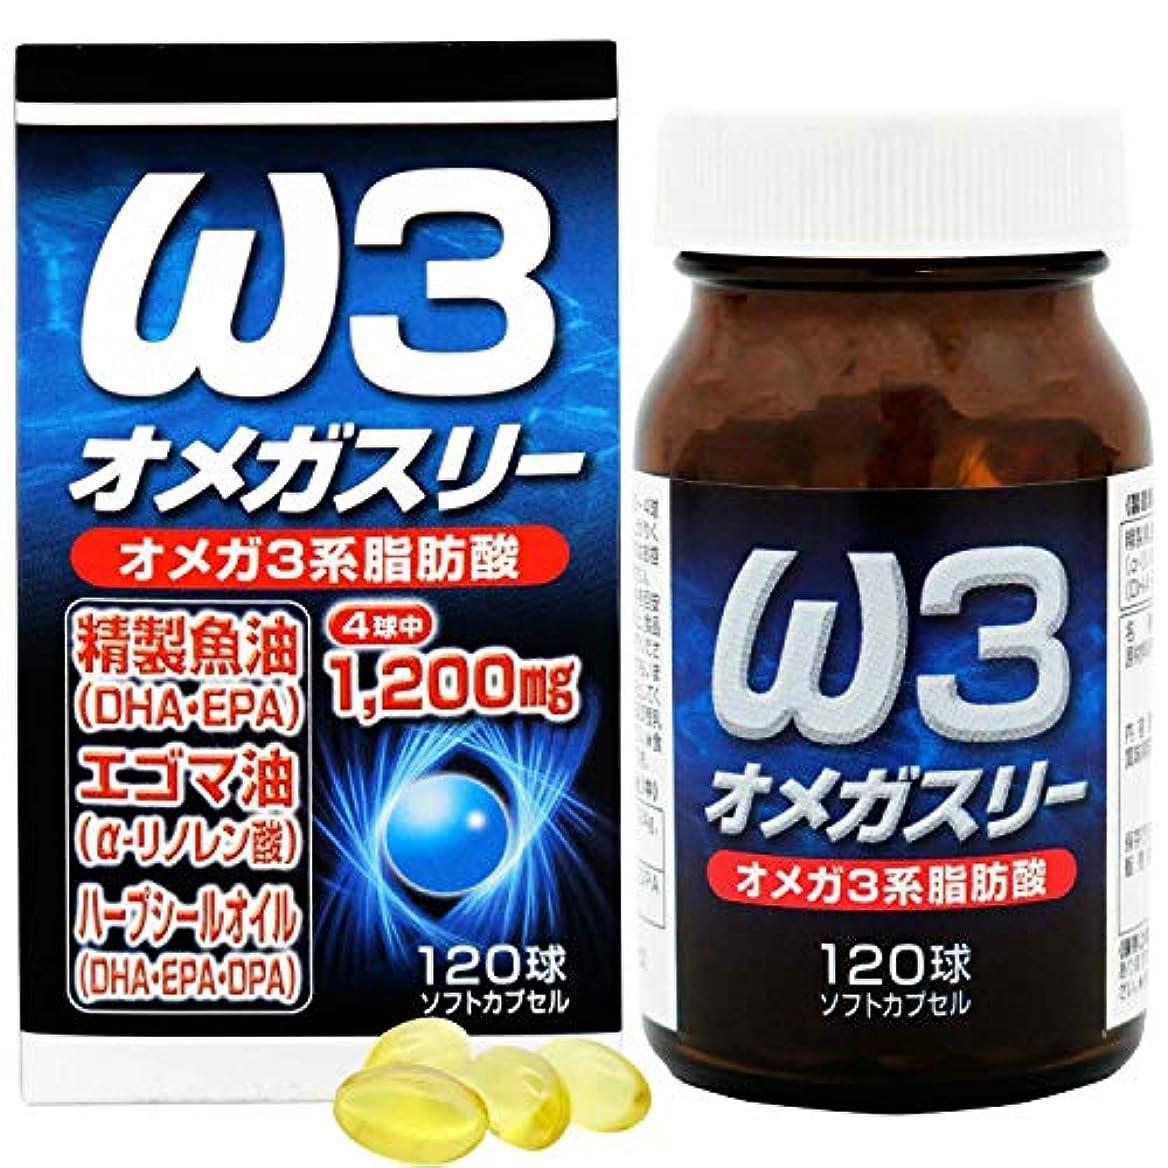 確認してください孤独な中世のユウキ製薬 オメガスリー(ω3) 30-40日分 120球